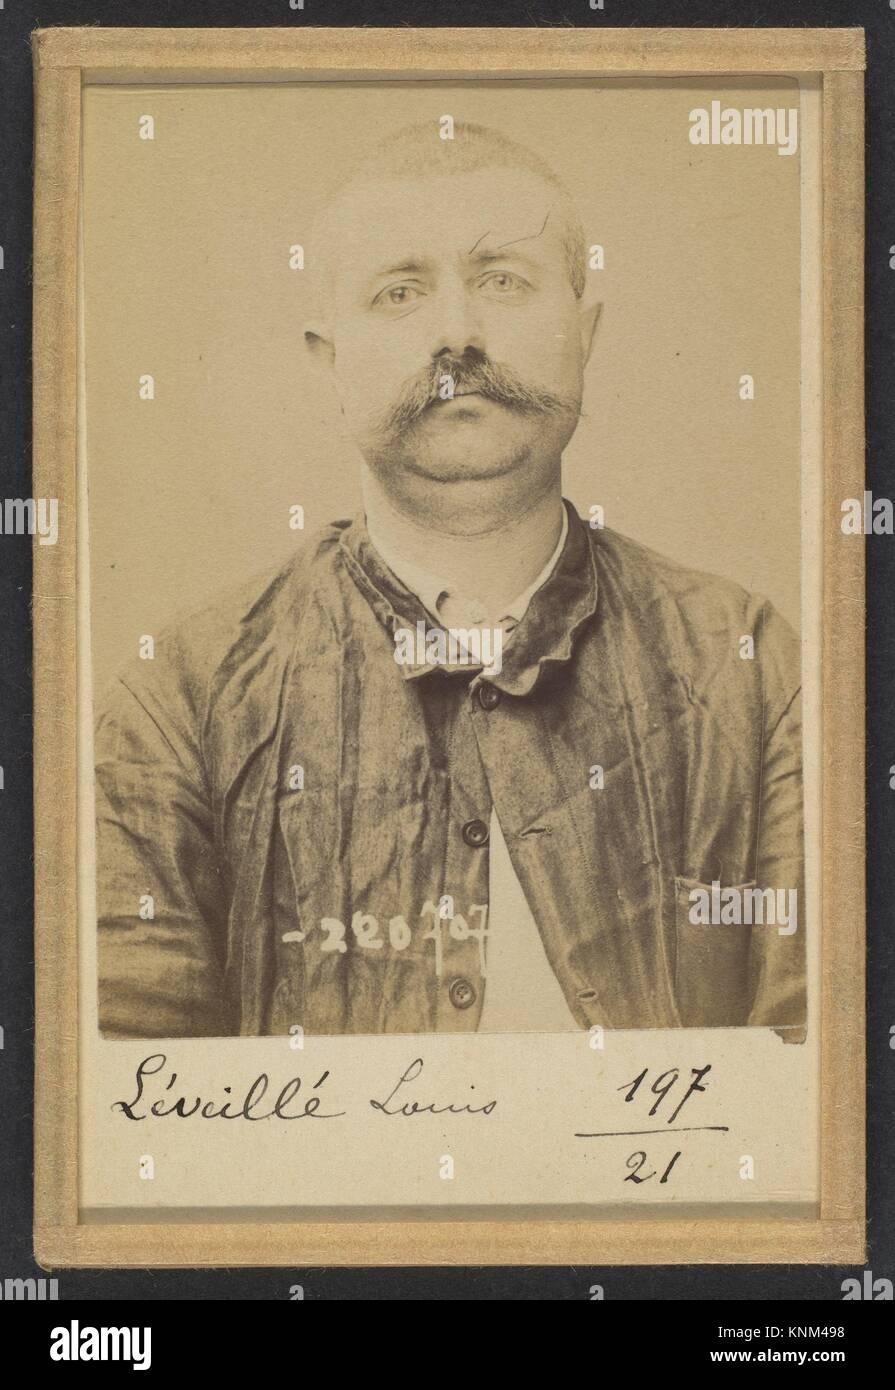 Leveillé. Louis. 37 ans, né le 7/7/57 à Cliche (Seine). Forgeron. Anarchiste. 7/7/94. Artist: Alphonse - Stock Image